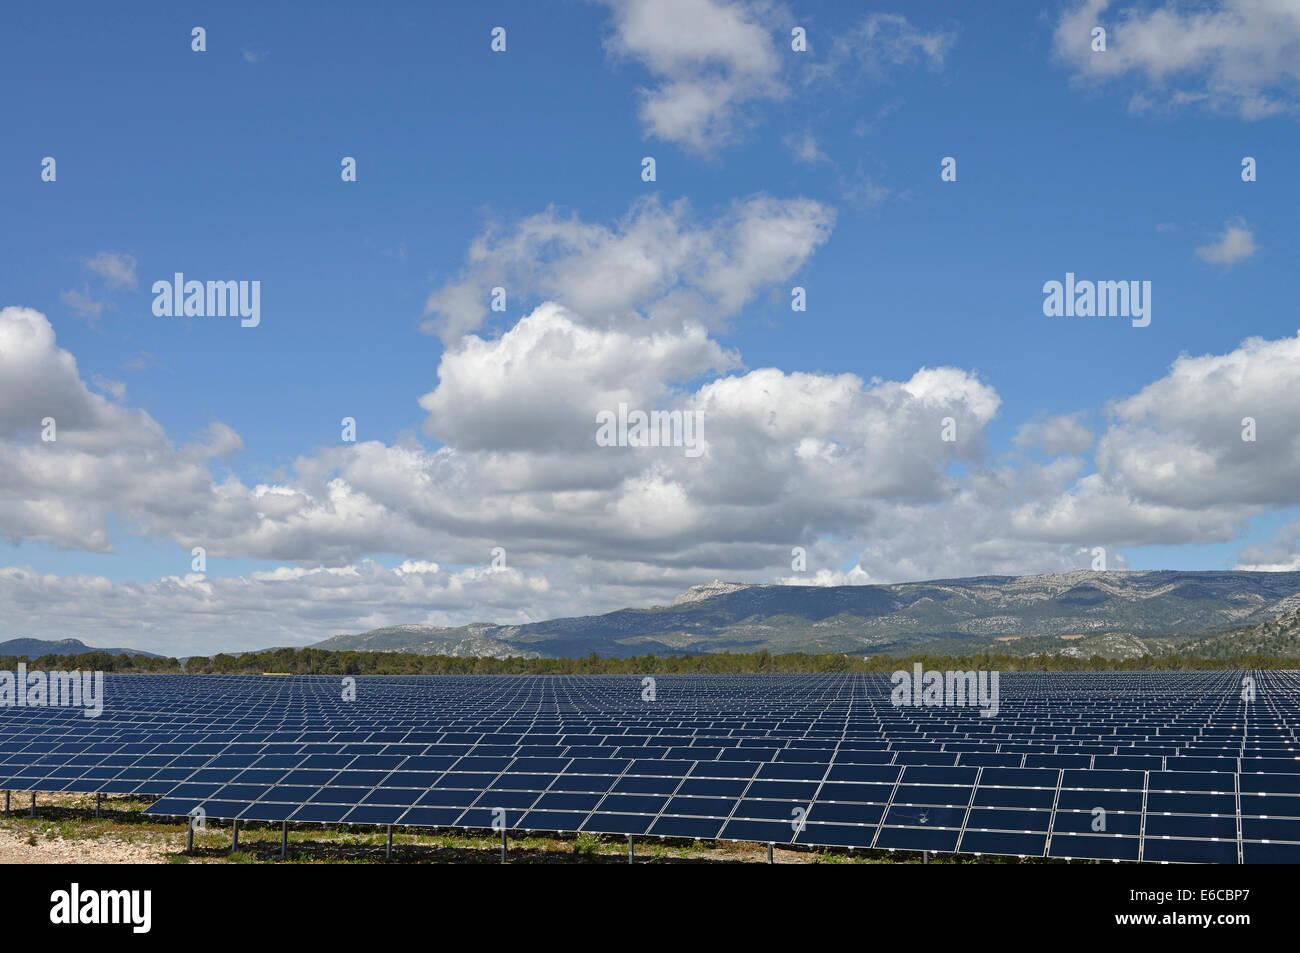 Gran variedad de paneles solares de energía renovable en una granja solar en el campo Imagen De Stock